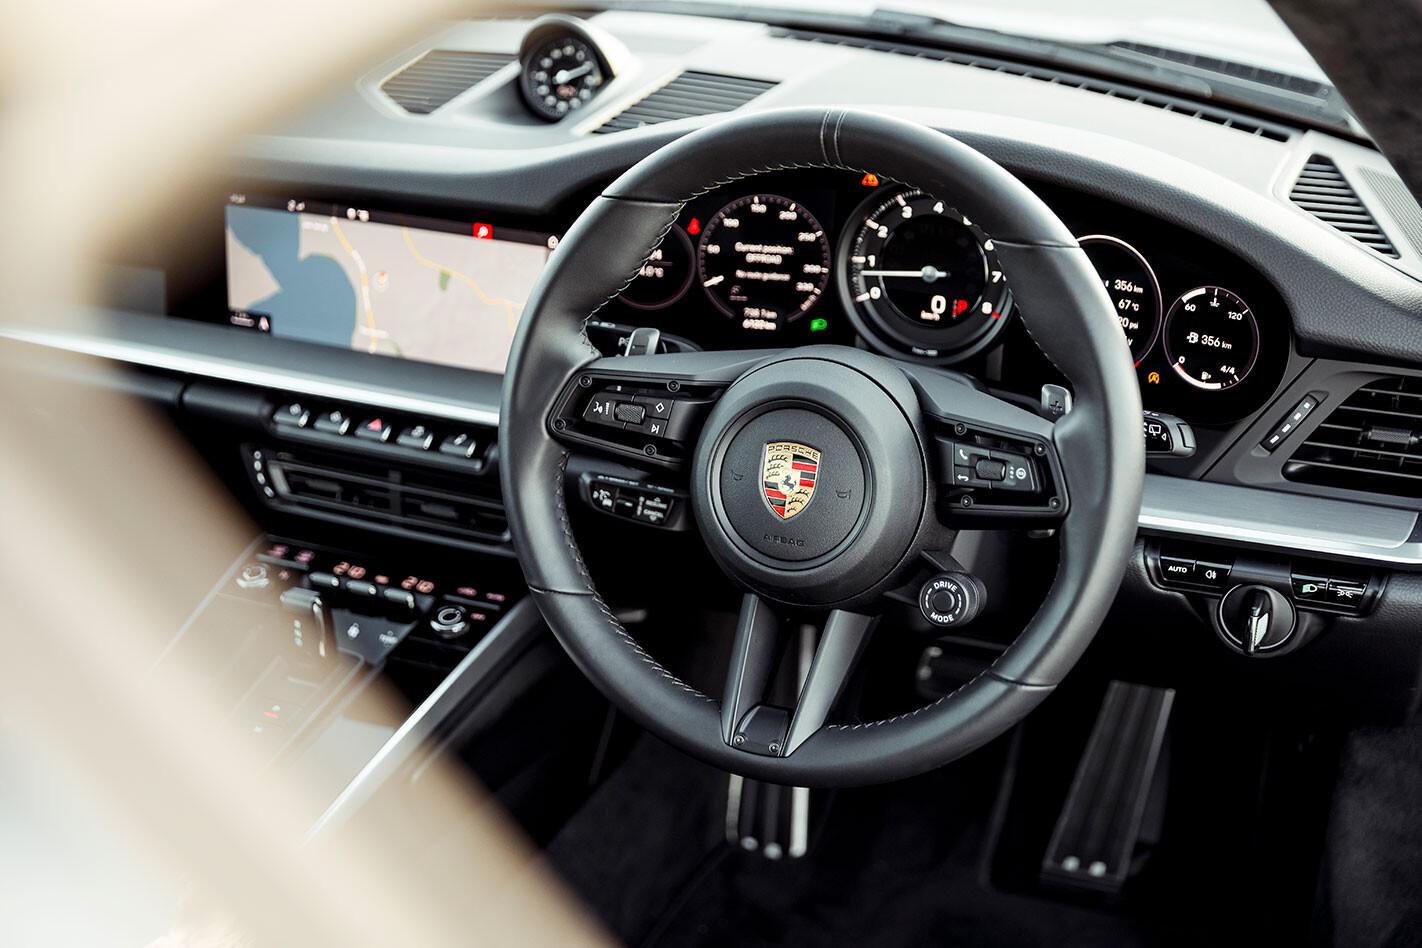 Porsche 992 911 dash